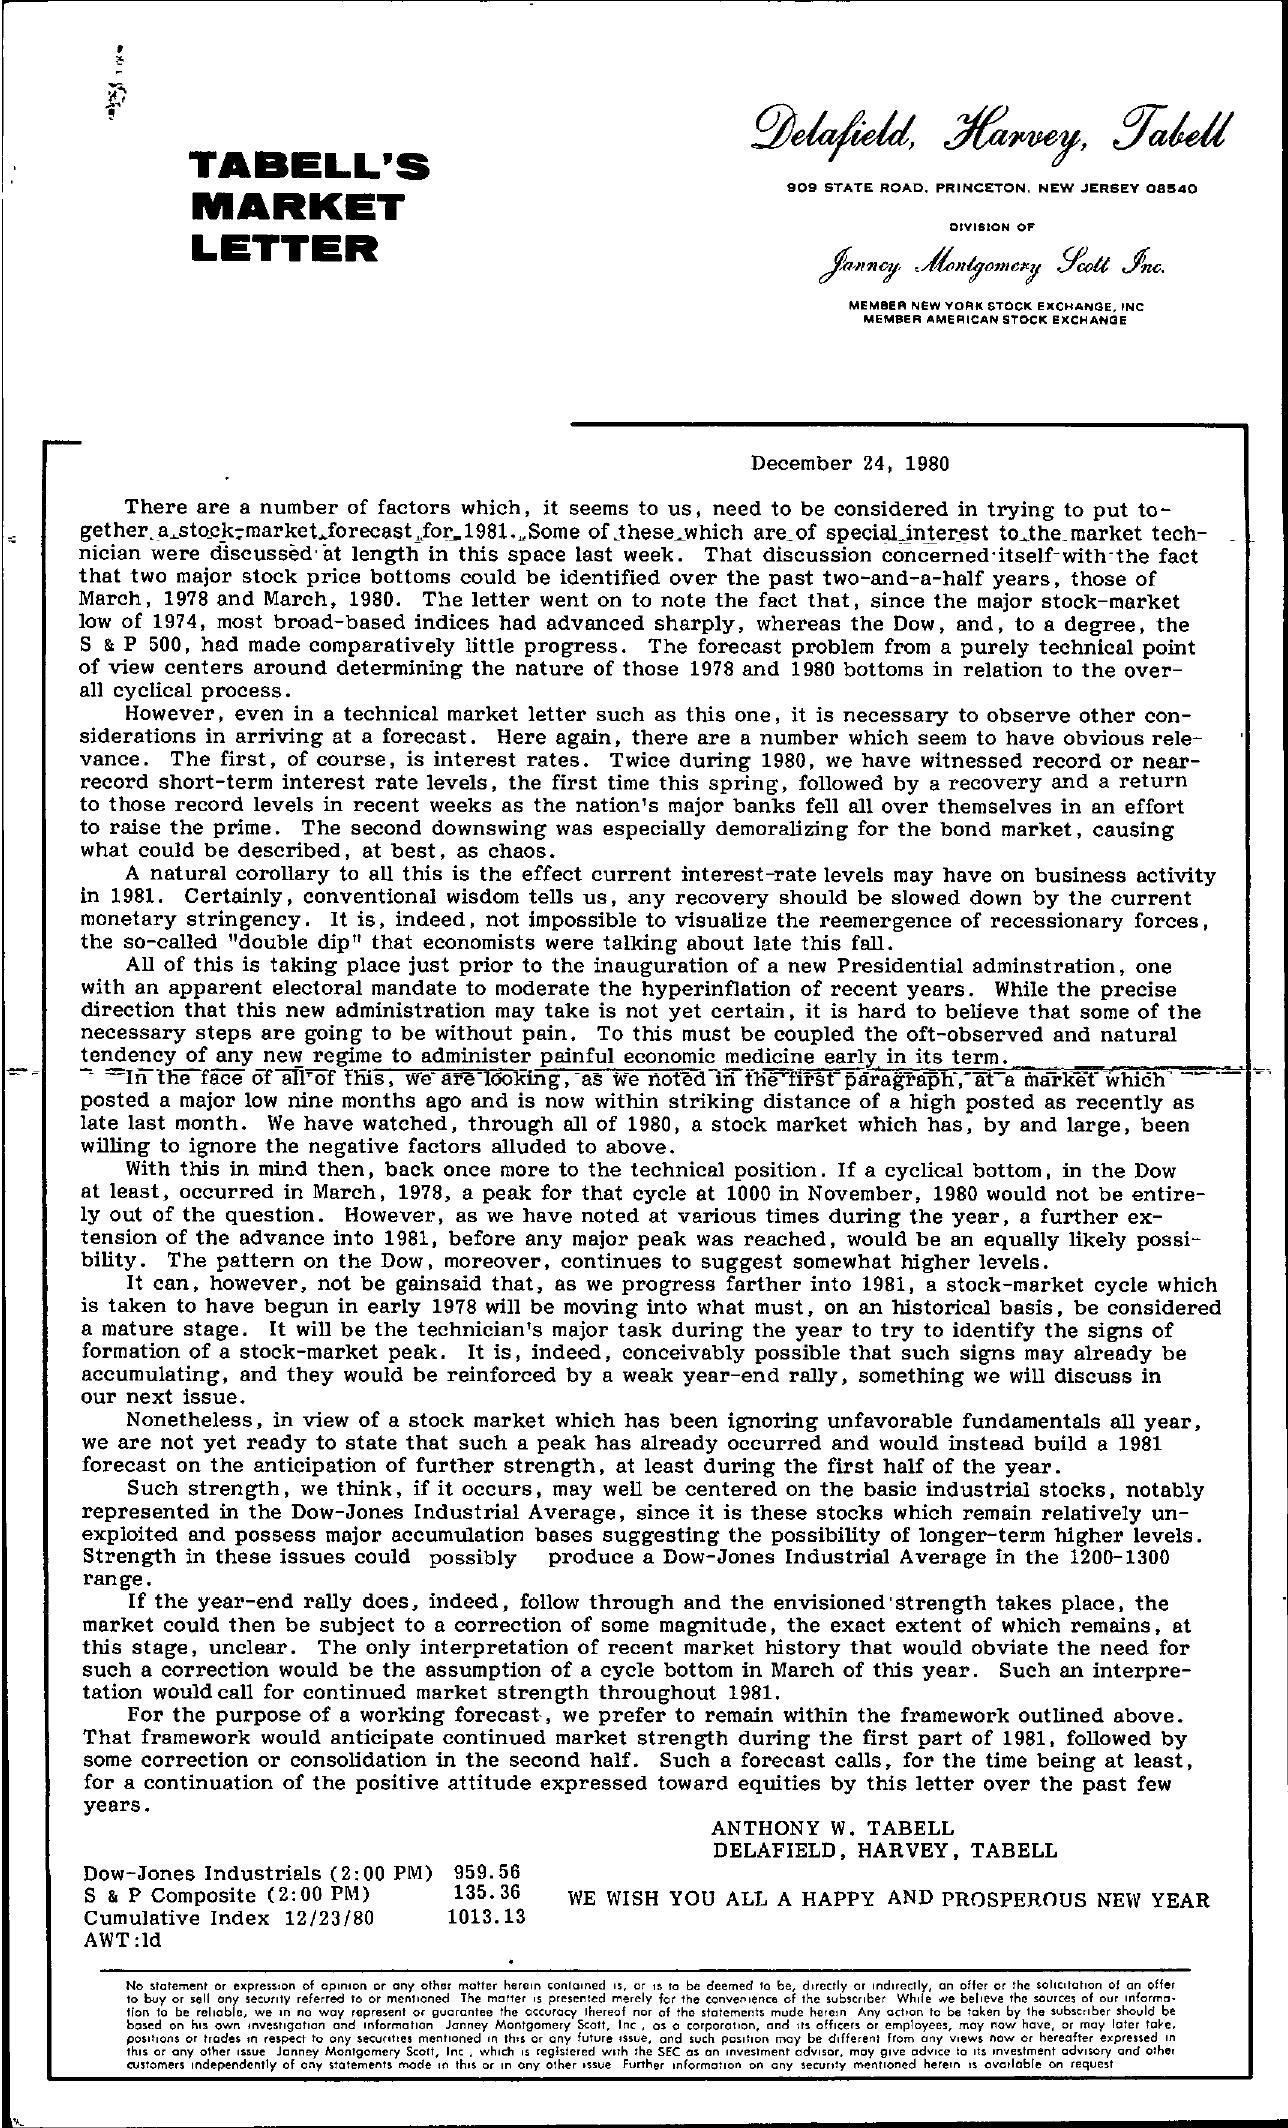 Tabell's Market Letter - December 24, 1980